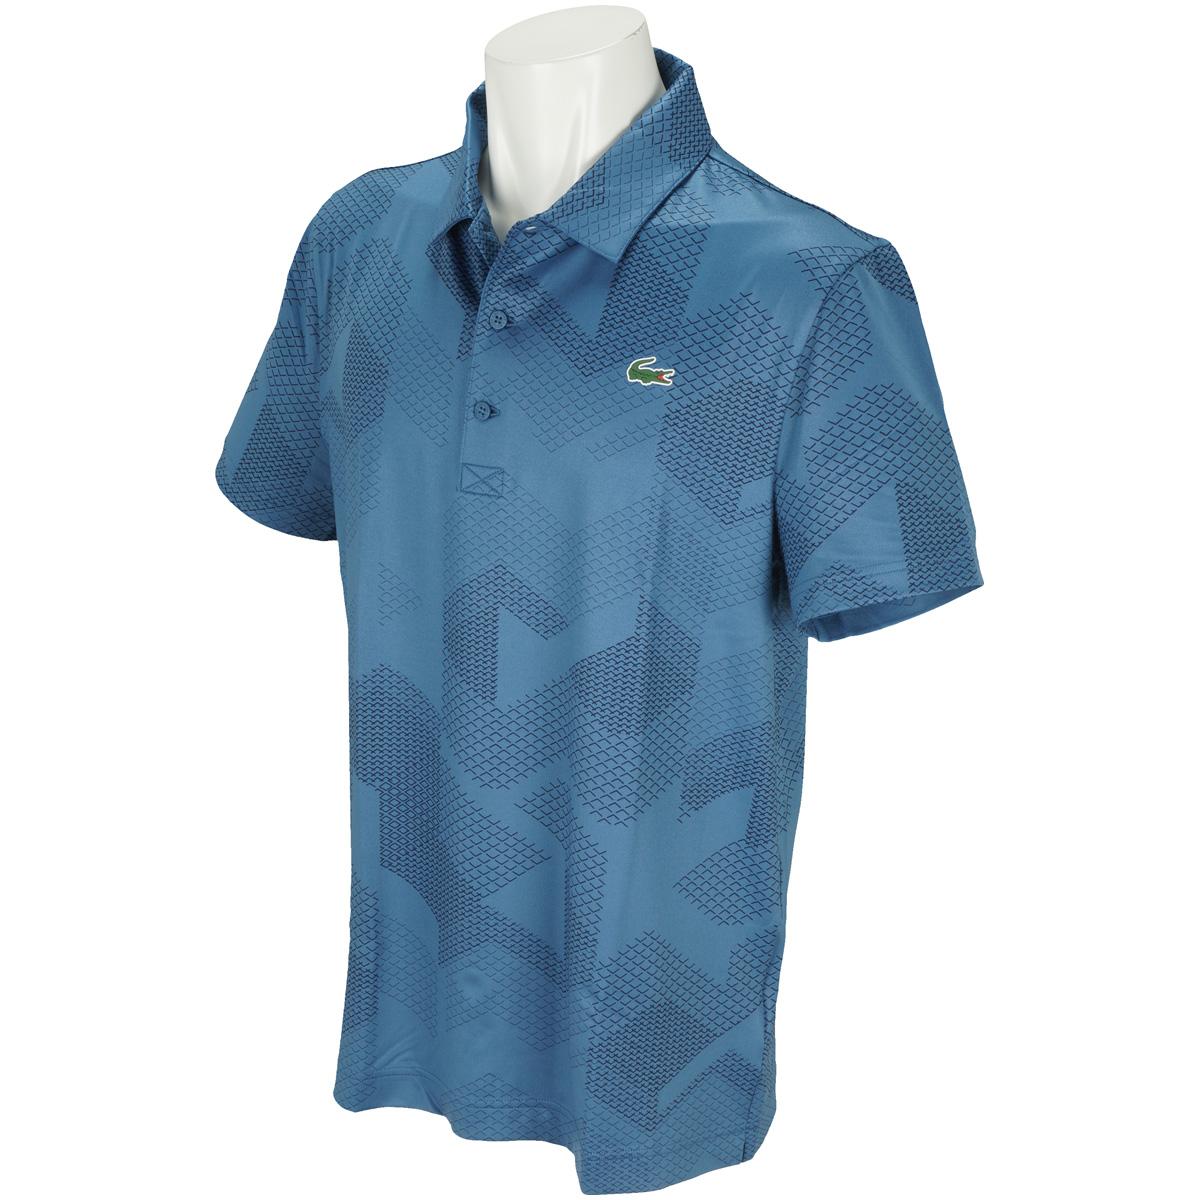 ジオメトリックプリントゴルフ半袖ポロシャツ